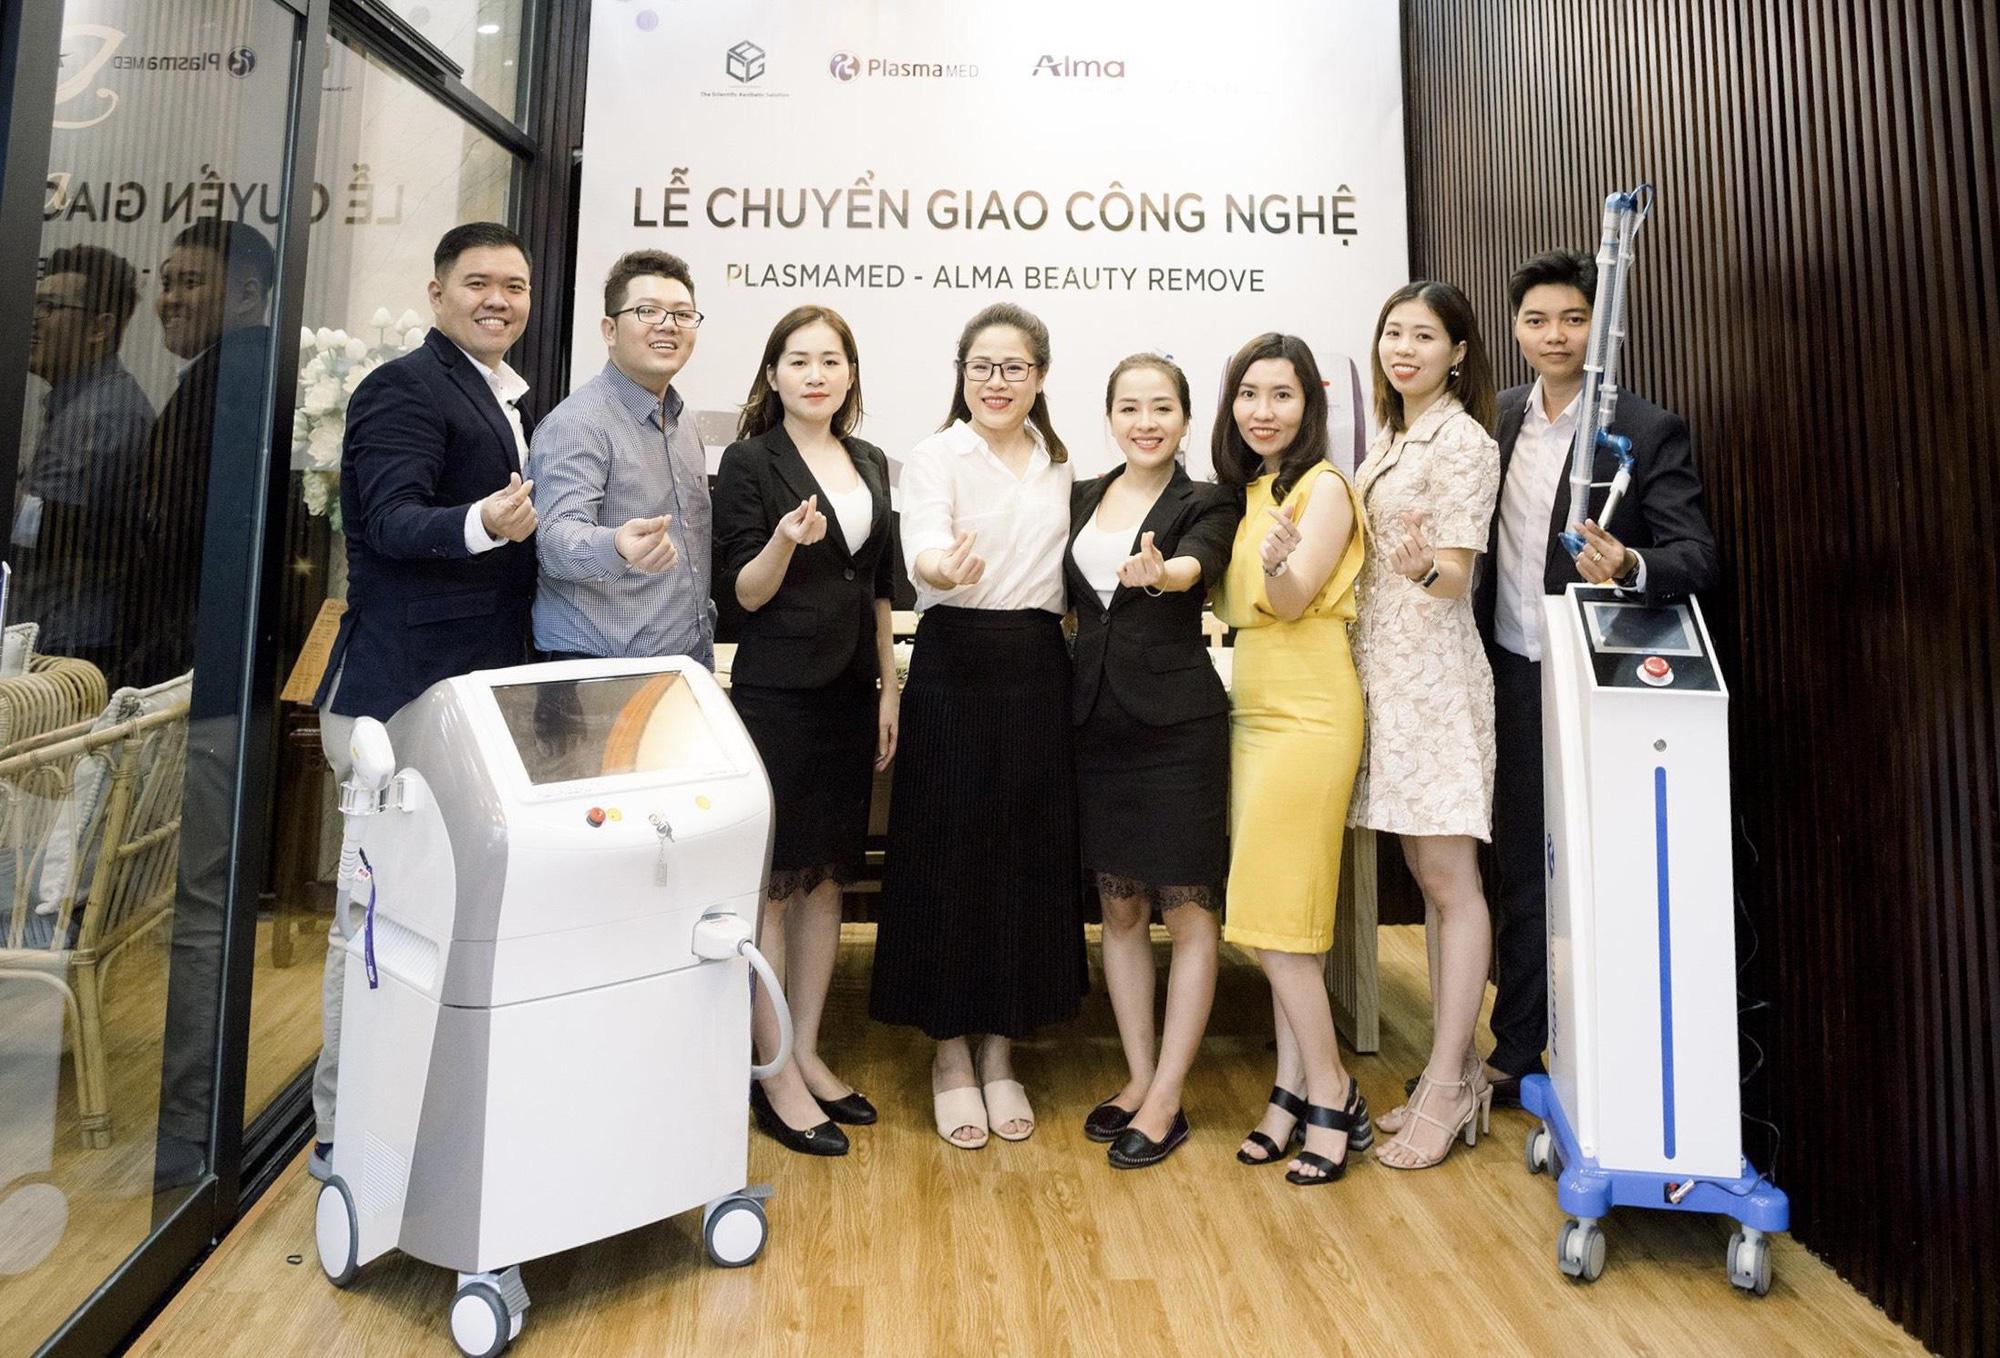 Zenn Clinic - Cung cấp giải pháp tối ưu cho làm đẹp tại Bình Định nói riêng và Việt Nam nói chung - Ảnh 3.